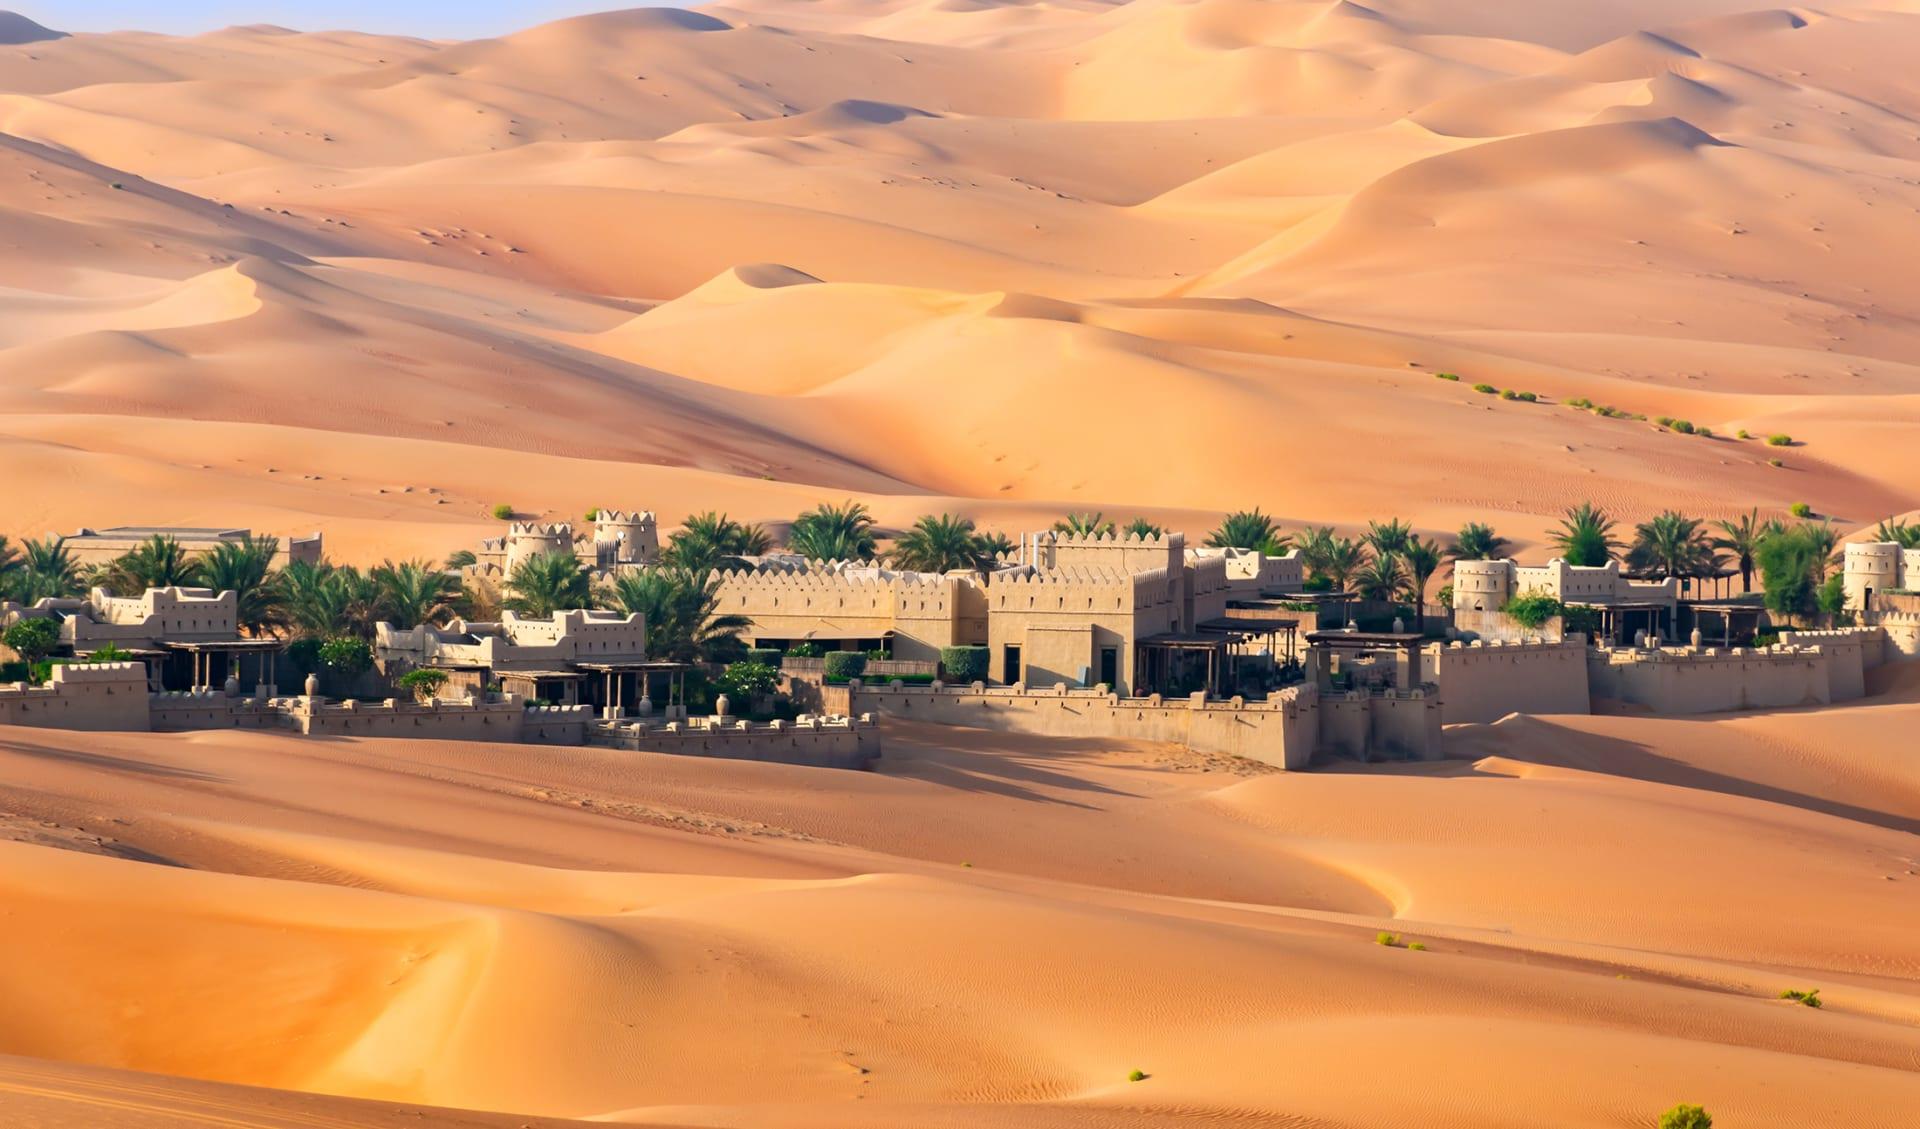 Wüsterresort, Vereinigte Arabische Emirate